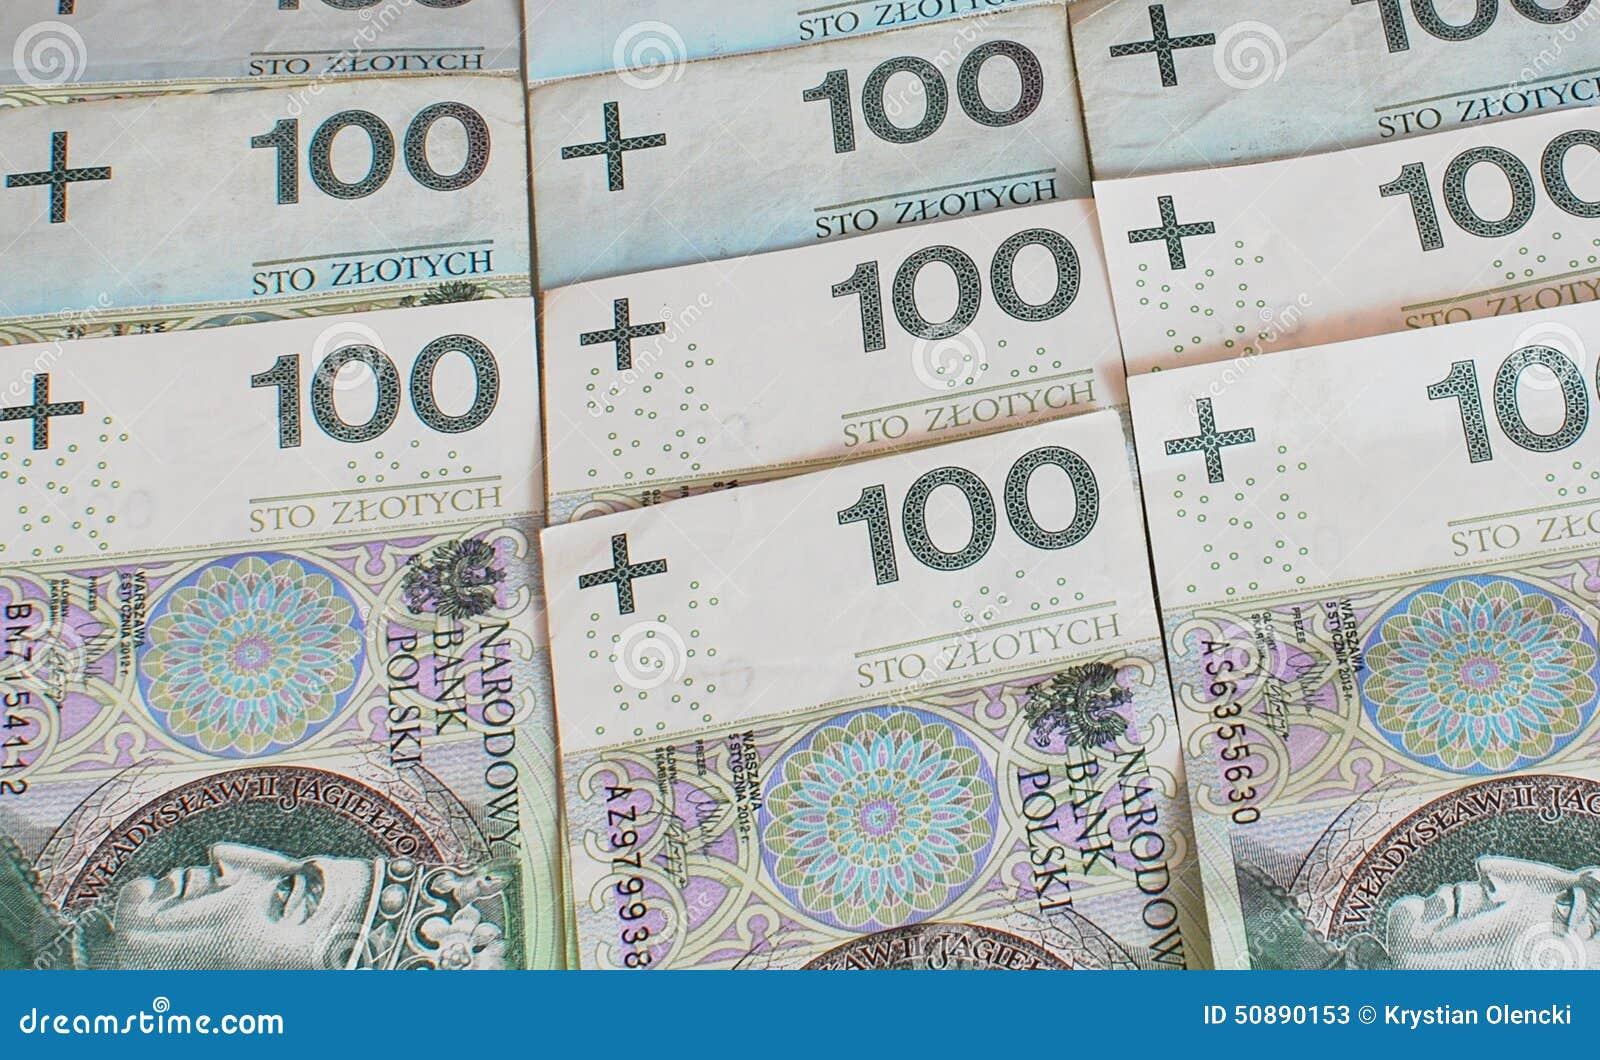 波兰币_波兰货币-在波兰付的钱.